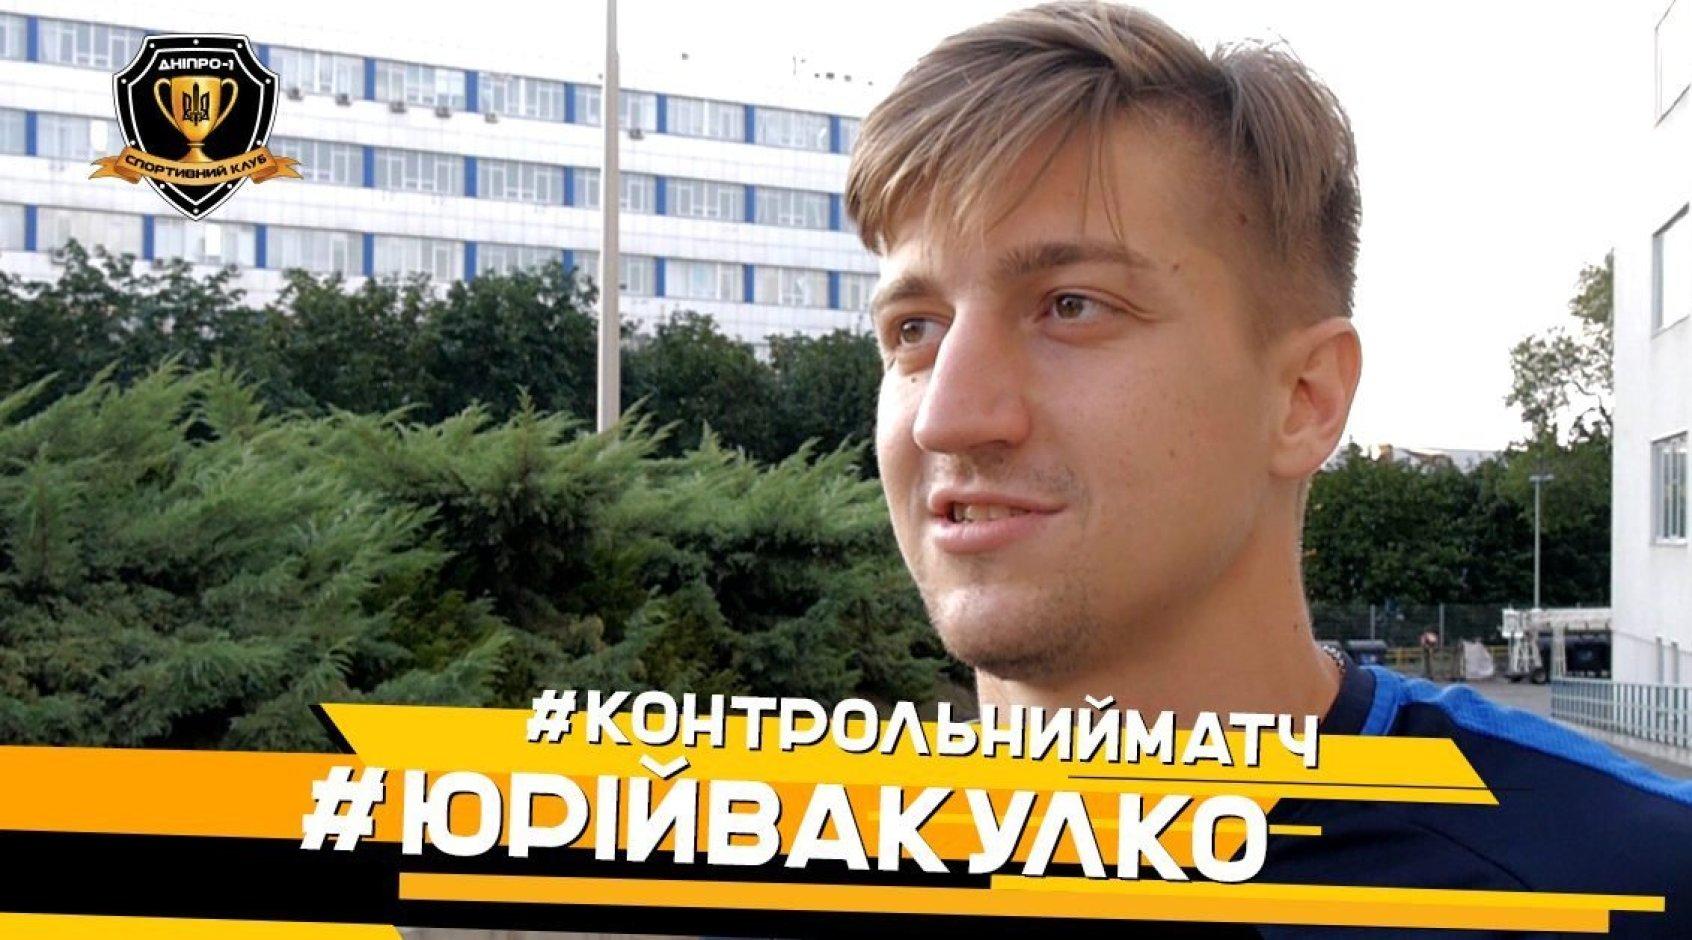 """Юрій Вакулко: """"Здається, сьогодні я завдавав удари частіше, ніж за весь минулий рік"""""""